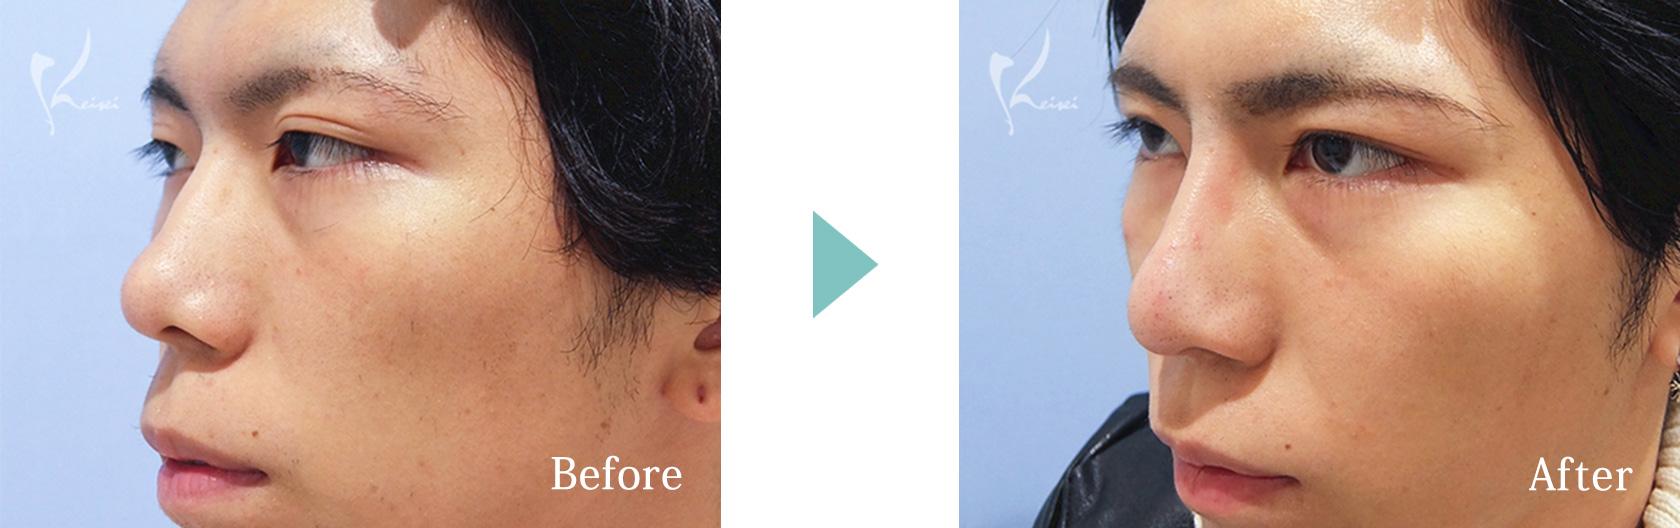 隆鼻術(プロテーゼ)+鼻尖形成+鼻中隔延長(耳介軟骨移植)の症例写真